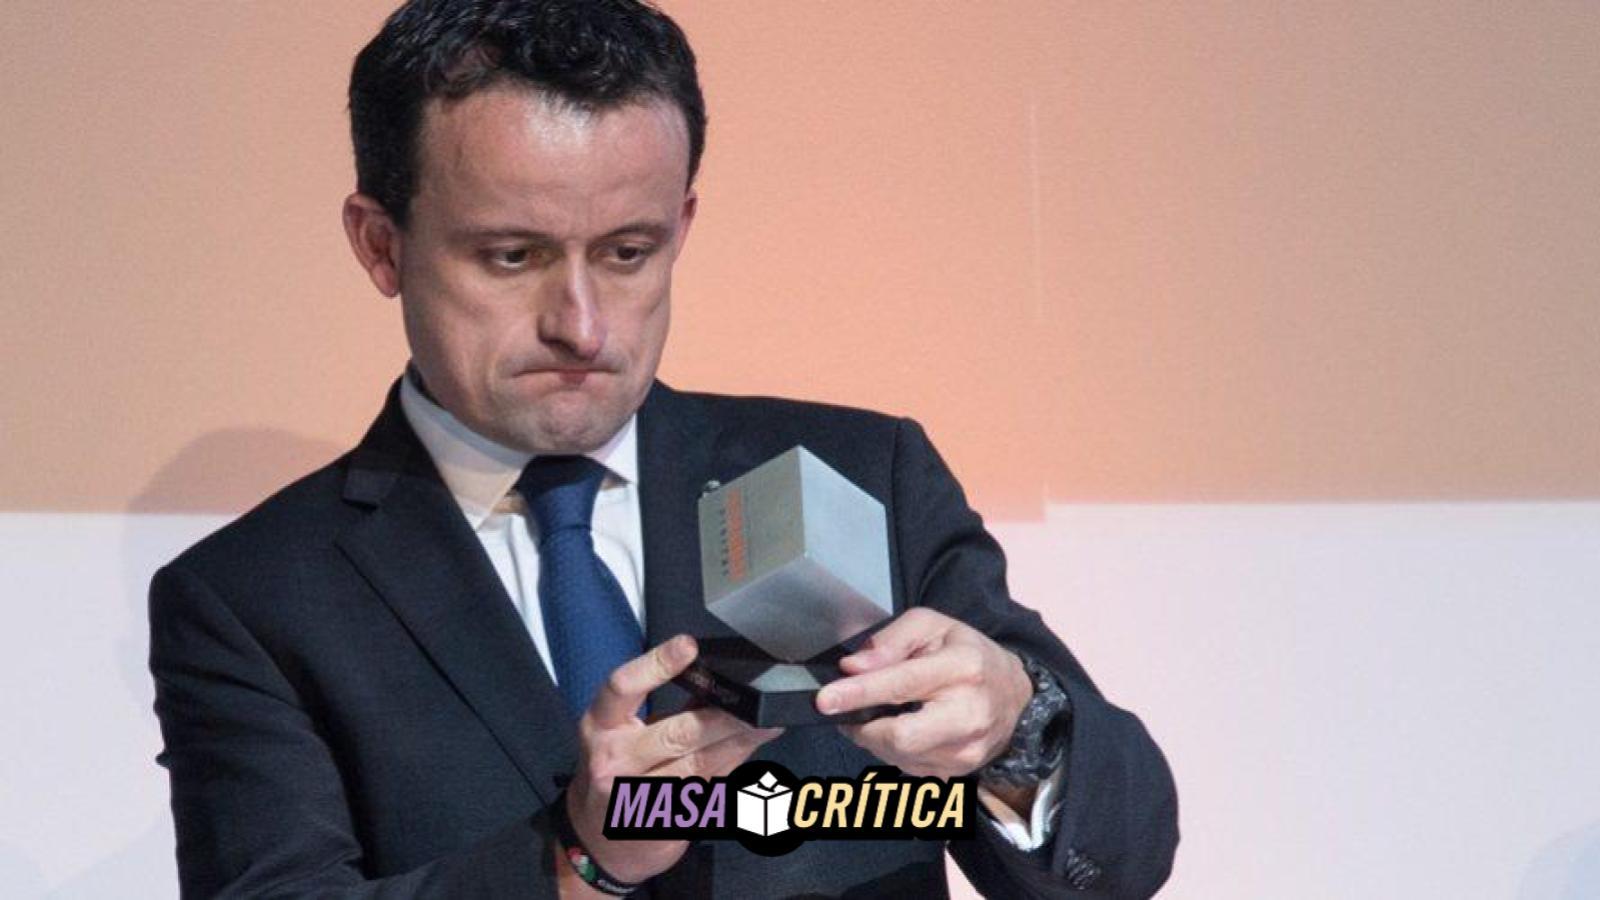 Mikel Arriola rechaza adopción gay y mota recreativa... ¿quiere gobernar CDMX?